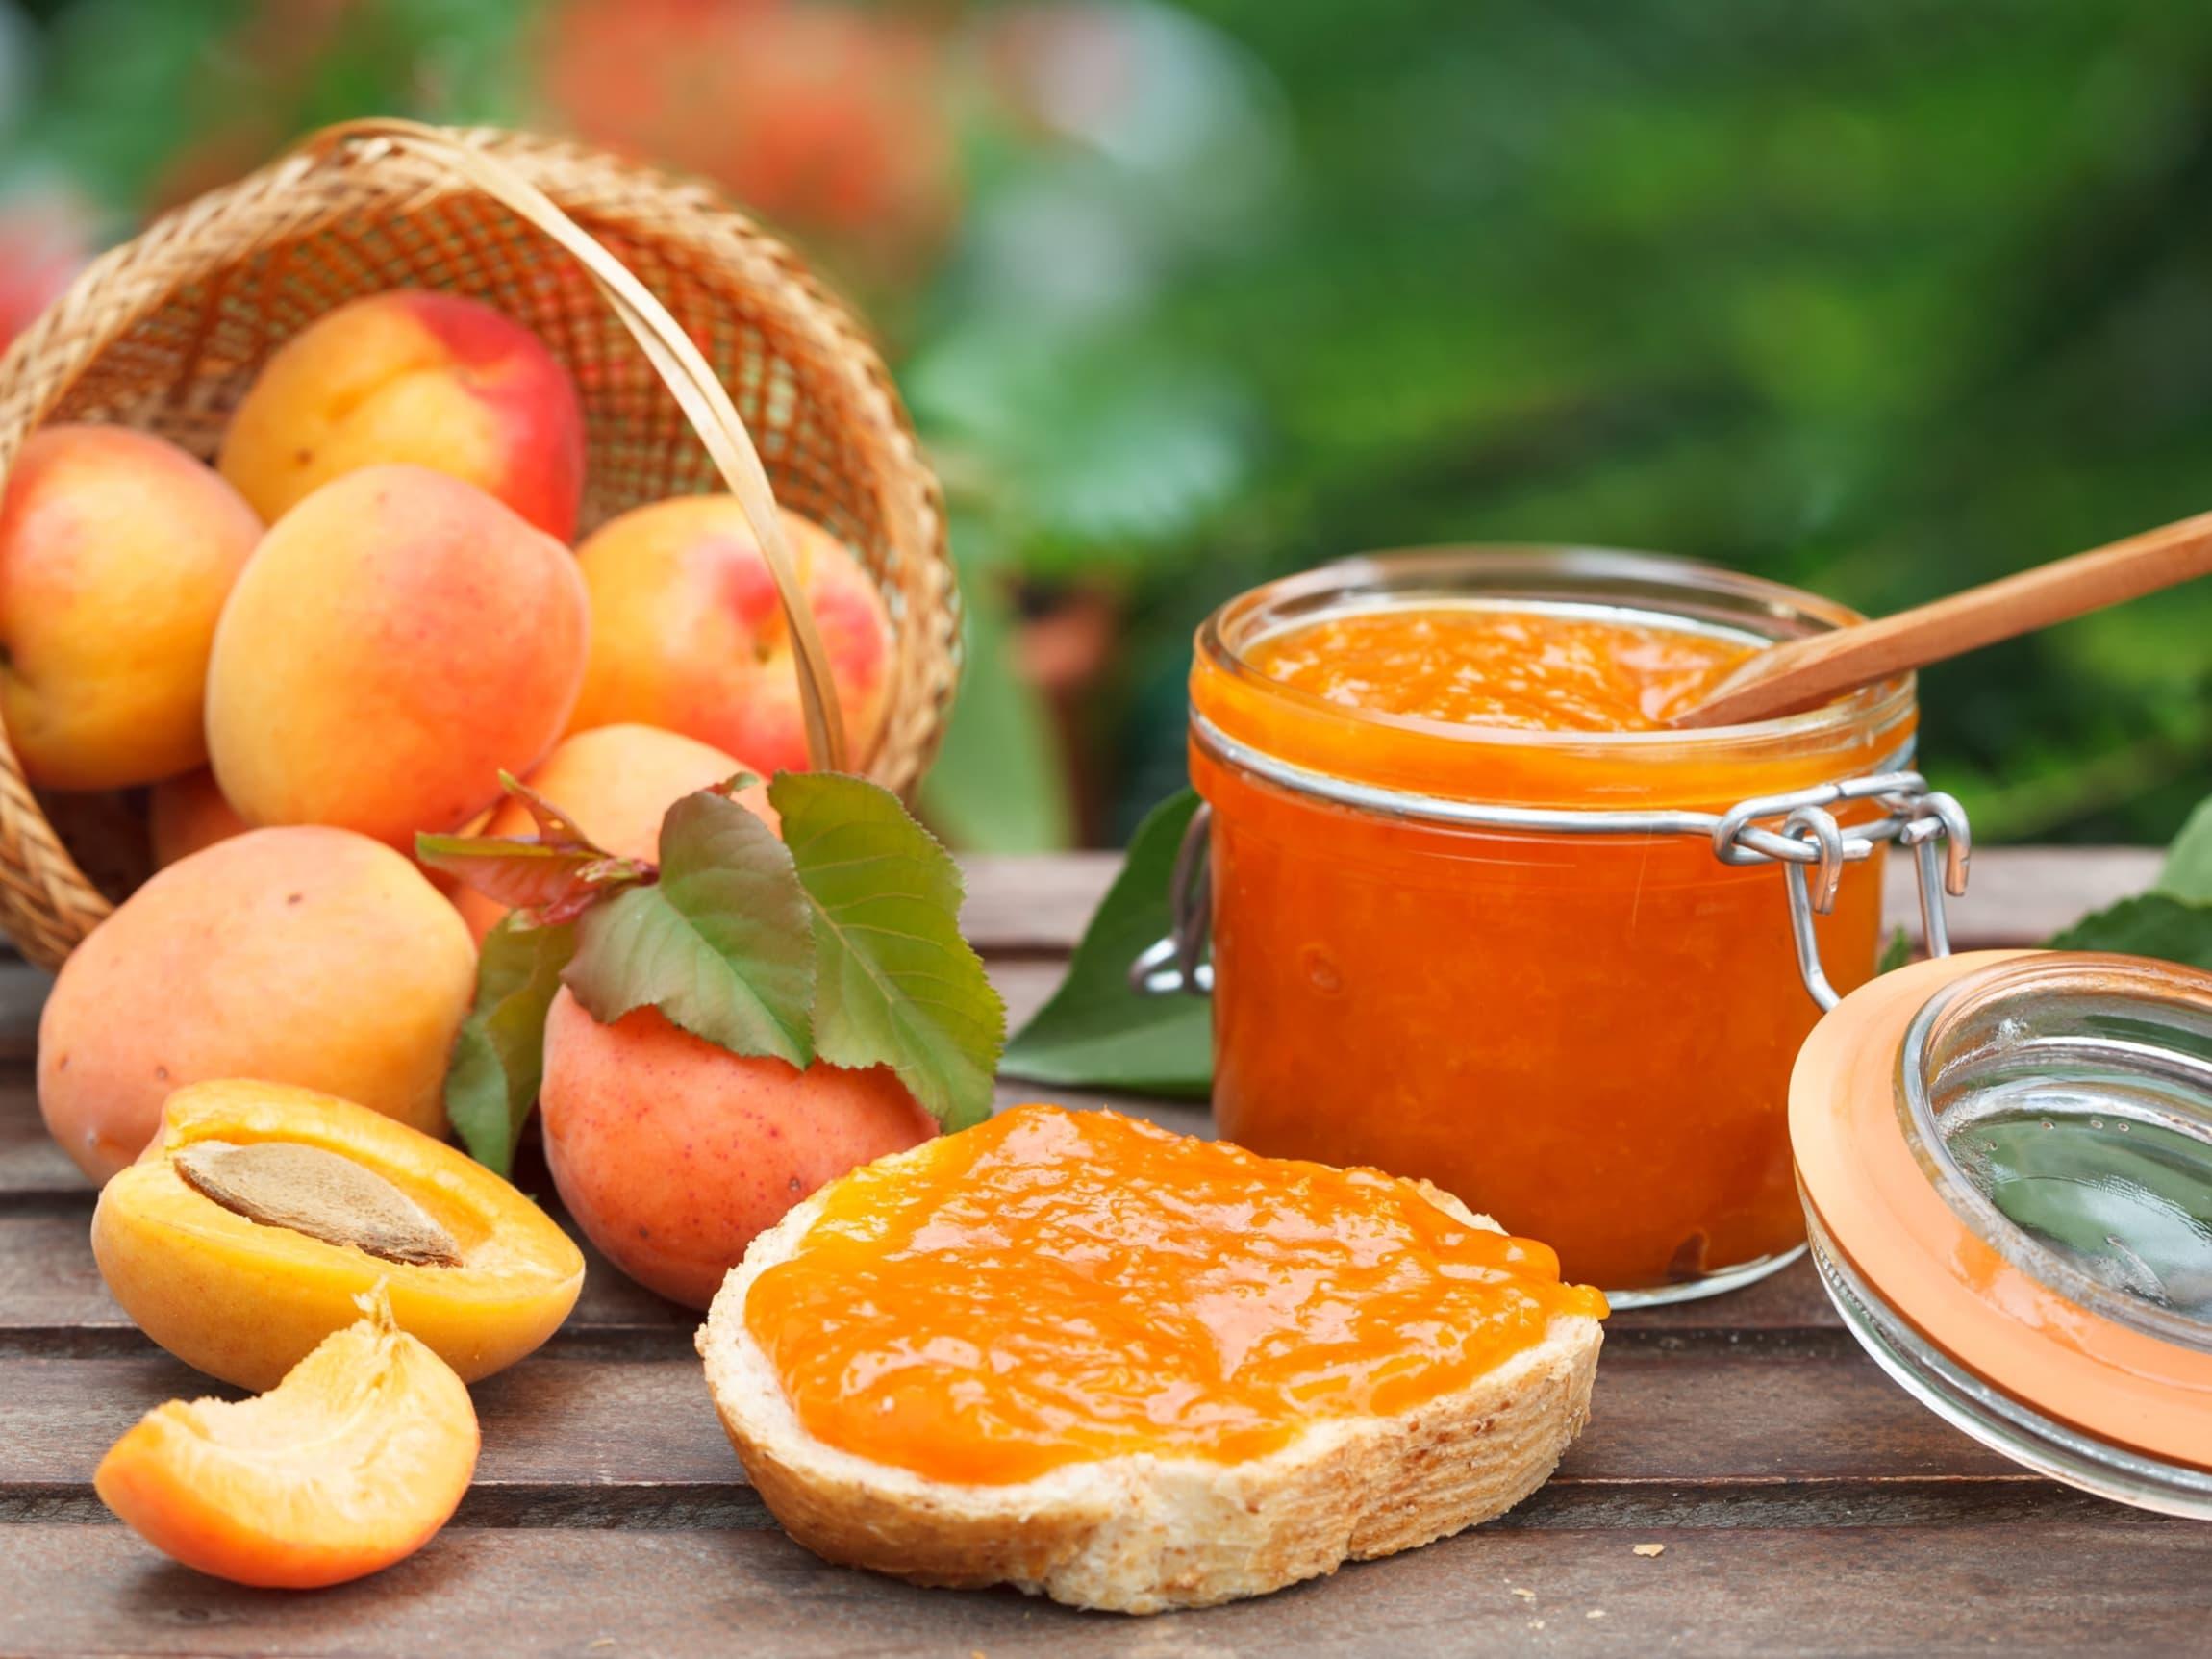 Den søte, saftige aprikosen egner seg spesielt godt til syltetøy og marmelader